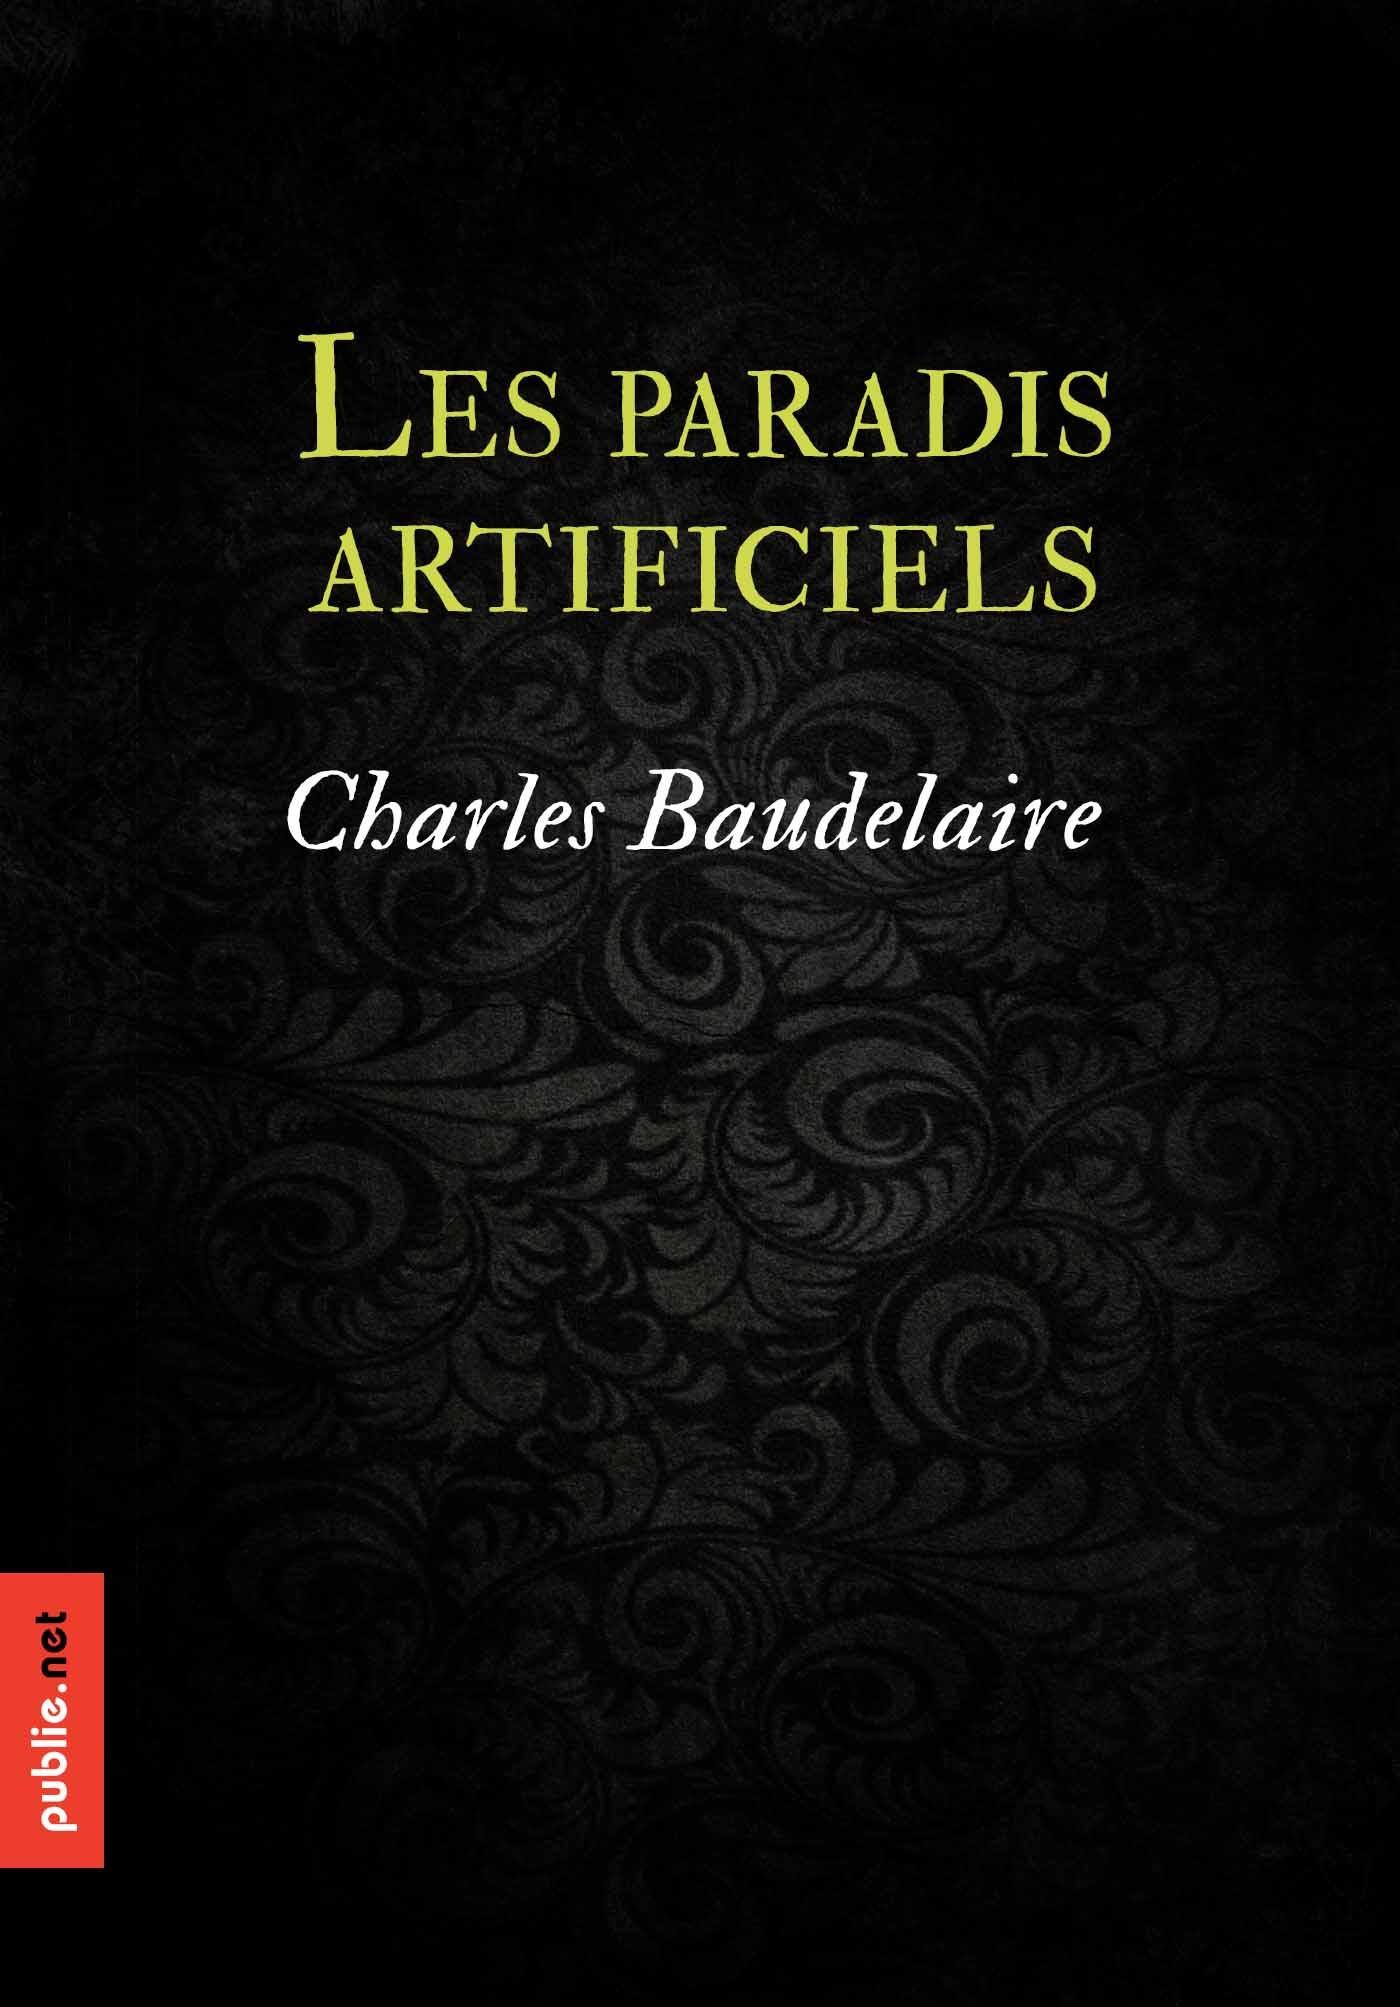 Charles Baudelaire Paradis artificiels